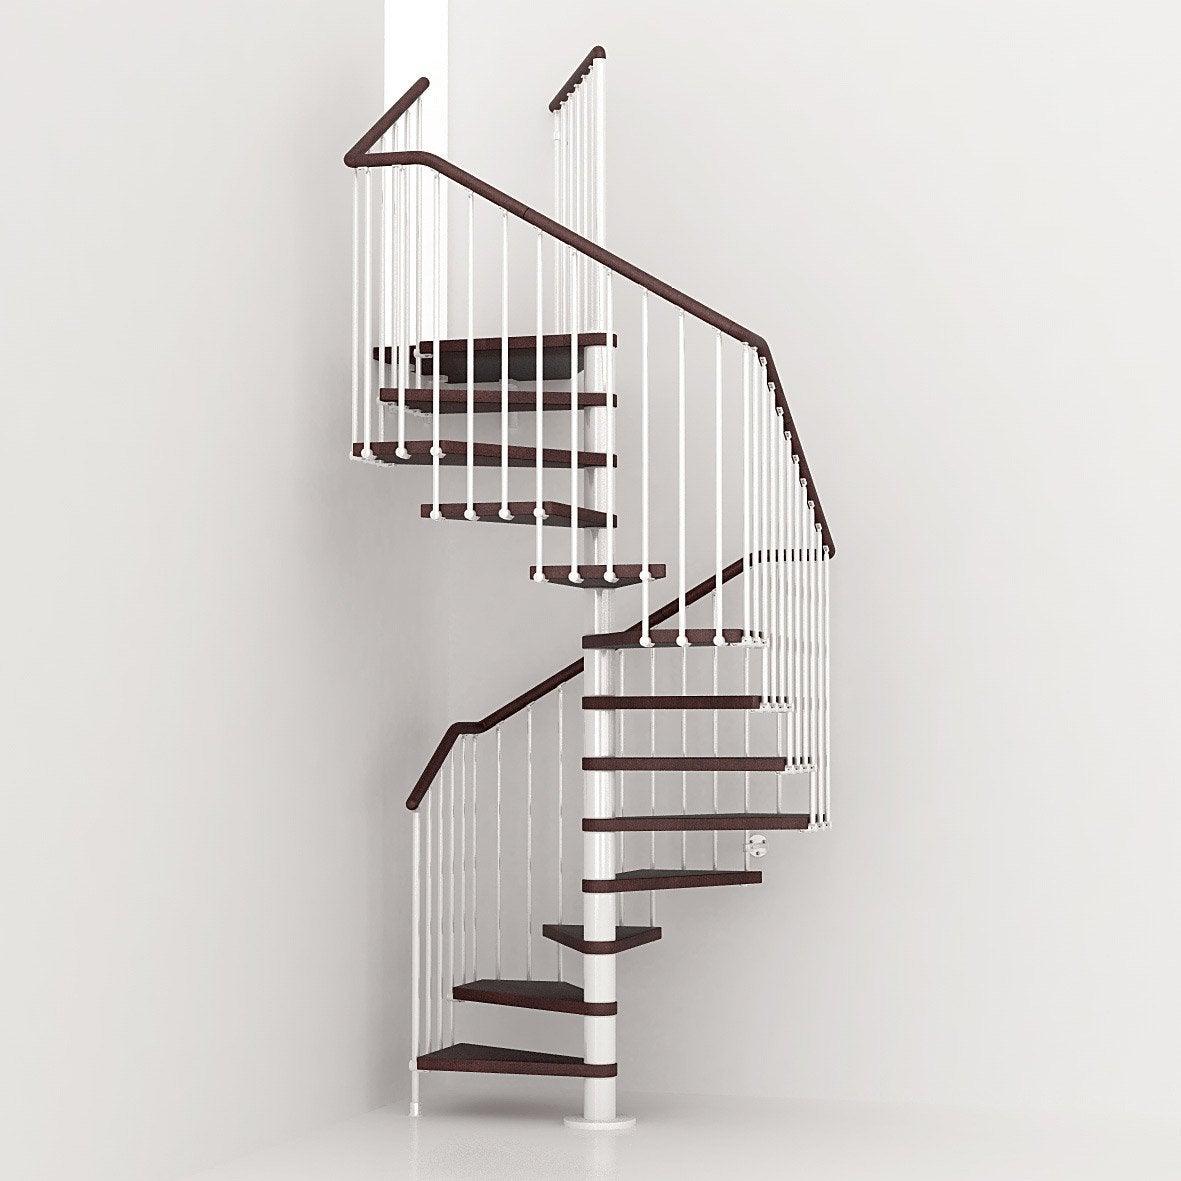 Escalier Colimacon Carre Cube Structure Metal Marche Bois Leroy Merlin